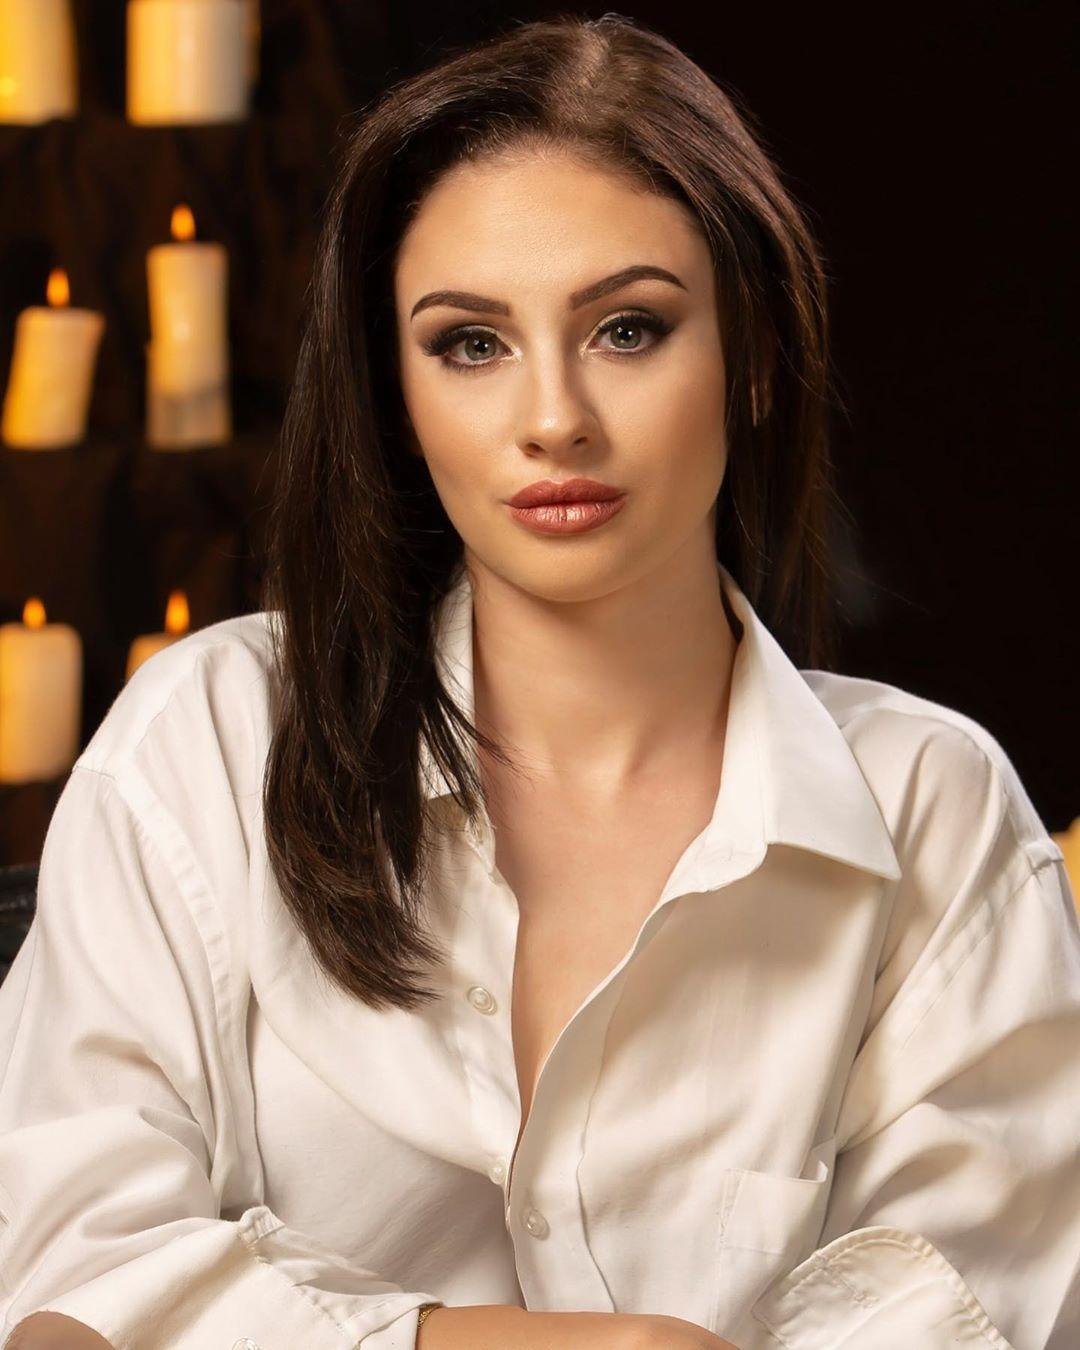 candidatas a miss supranational malta 2019. final: 12 oct. - Página 2 1S7Zj3